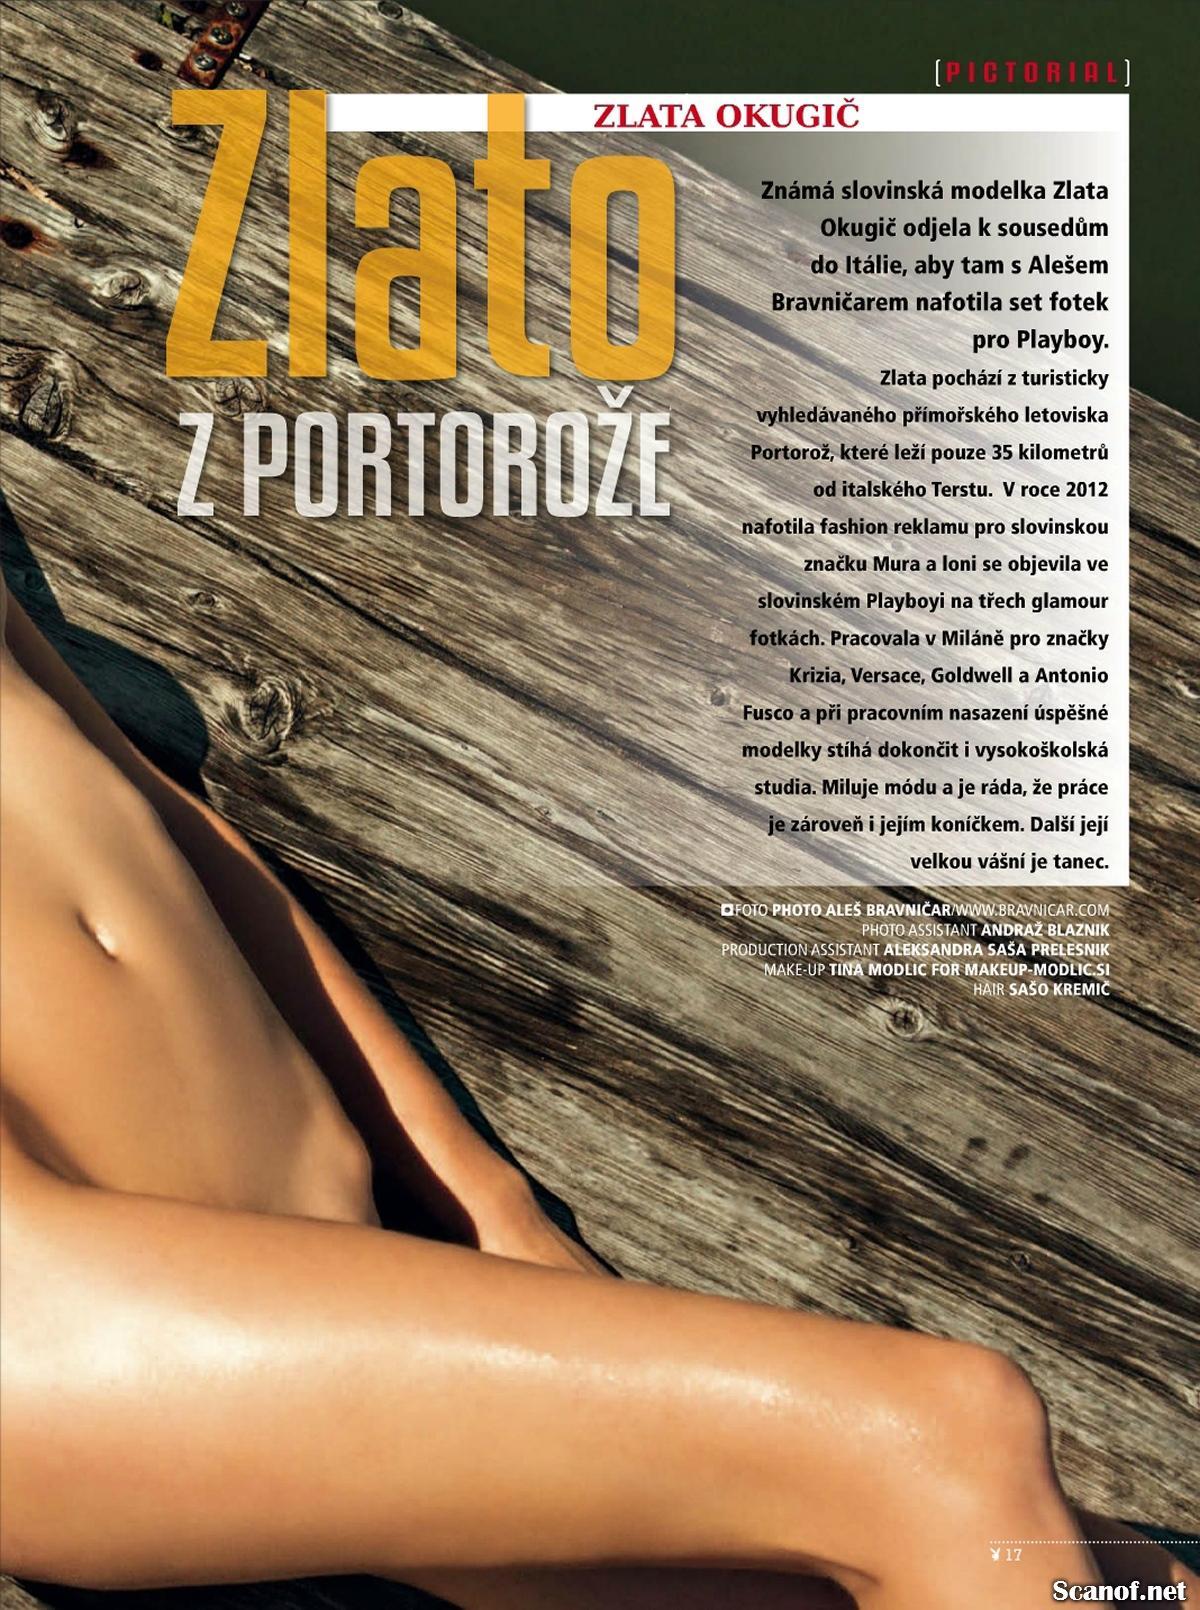 437900247_Playboy_2013_08_Czech_Scanof.net_019_123_163lo.jpg